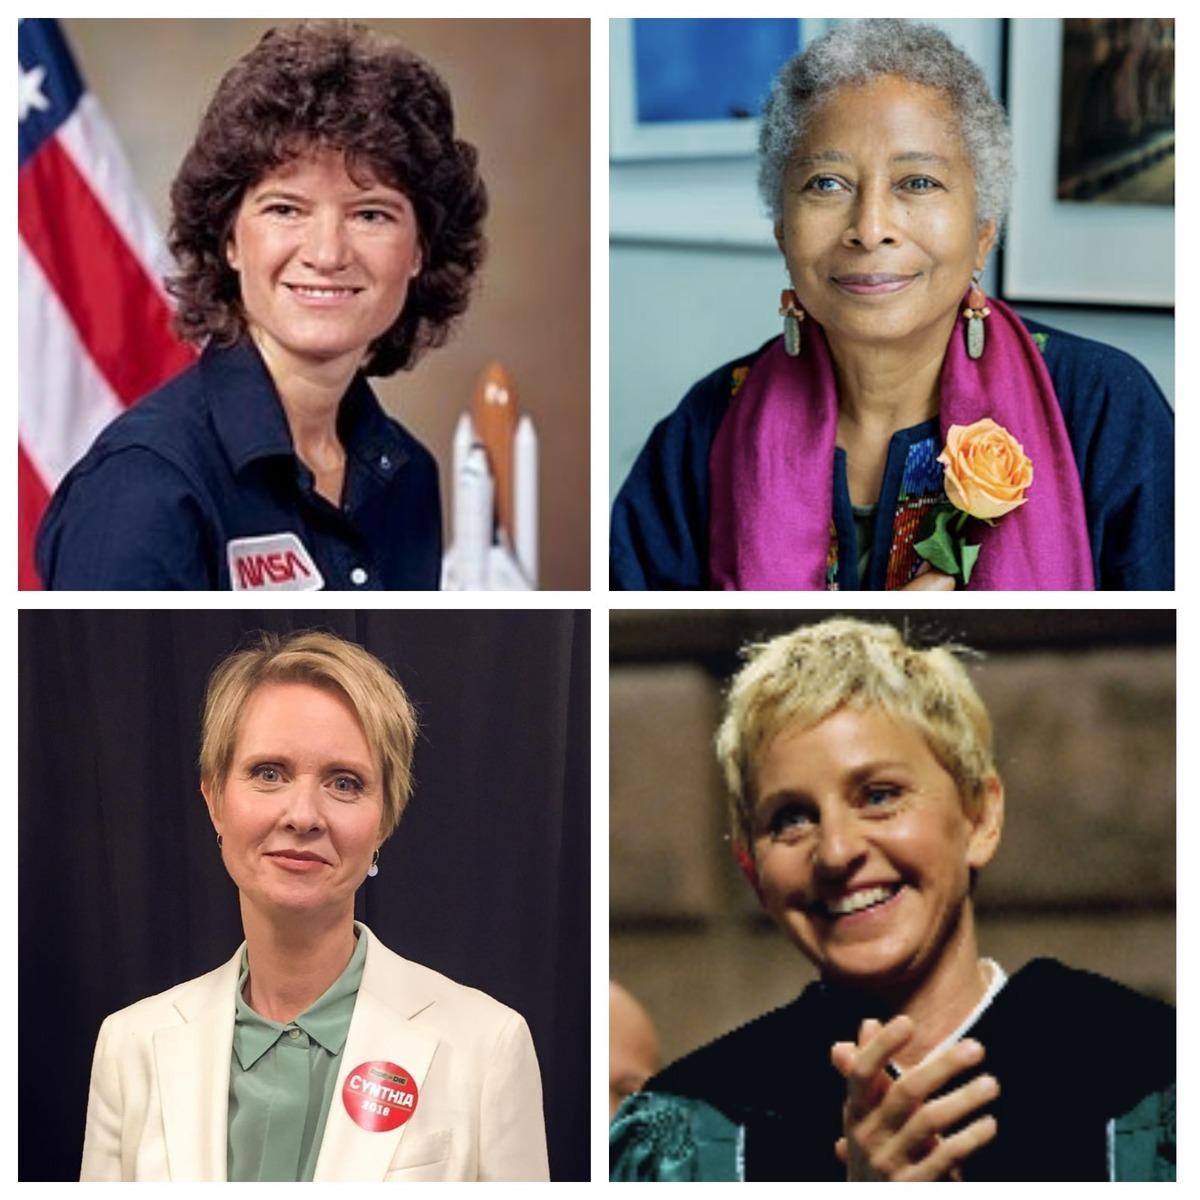 День видимості лесбійок. 10 активісток, які змінюють світ